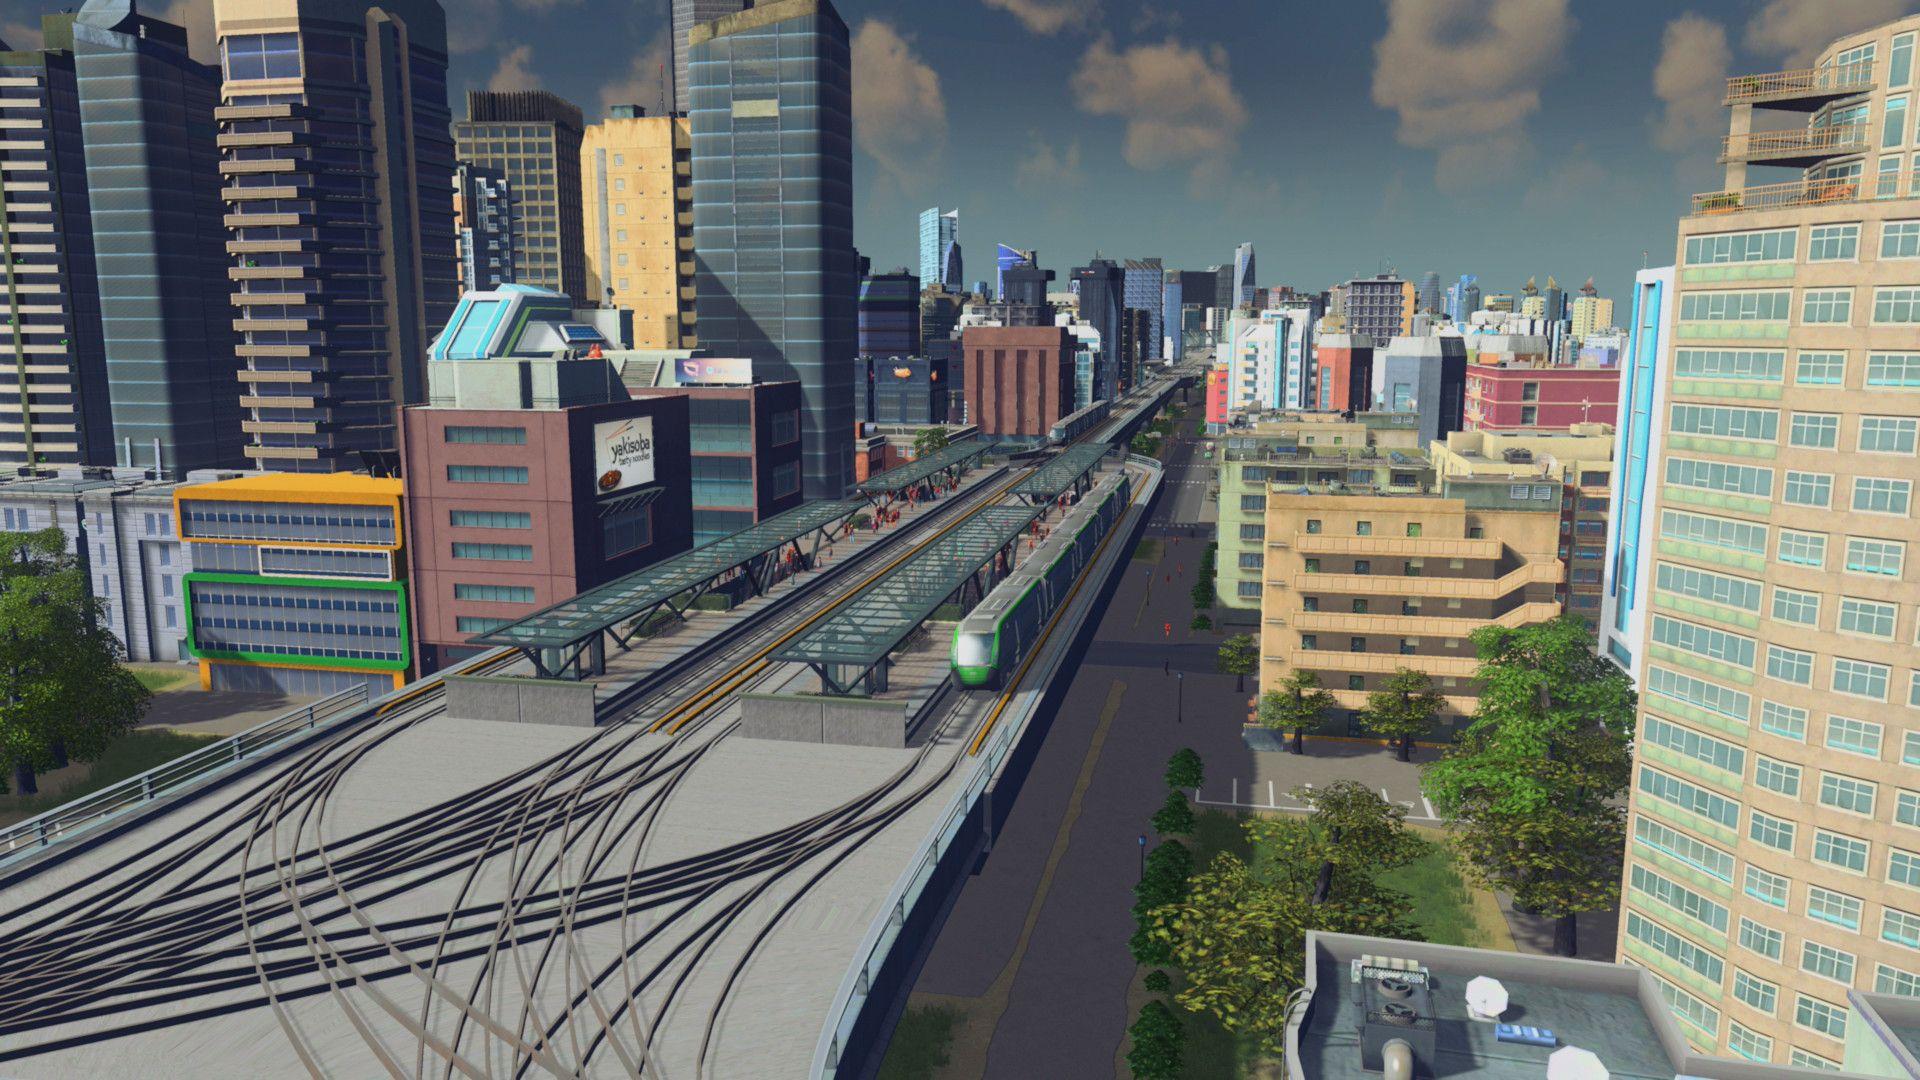 CITIESTRAINSTATIONS3.jpg